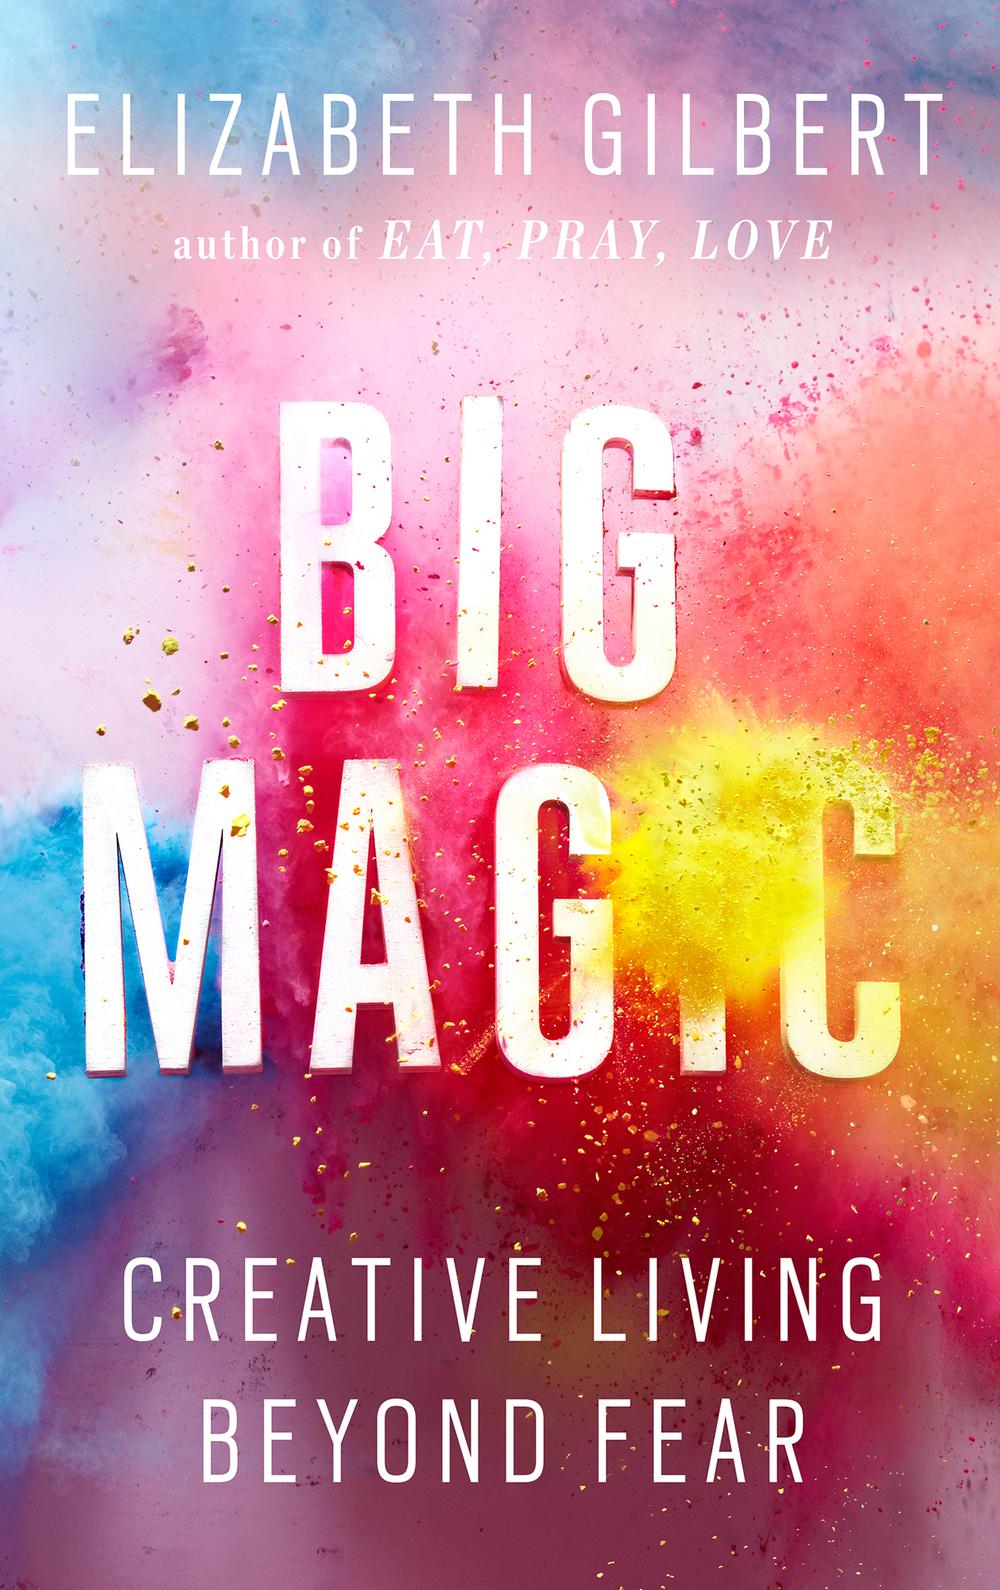 01-big-magic-book-review 8.31.22 PM.jpg